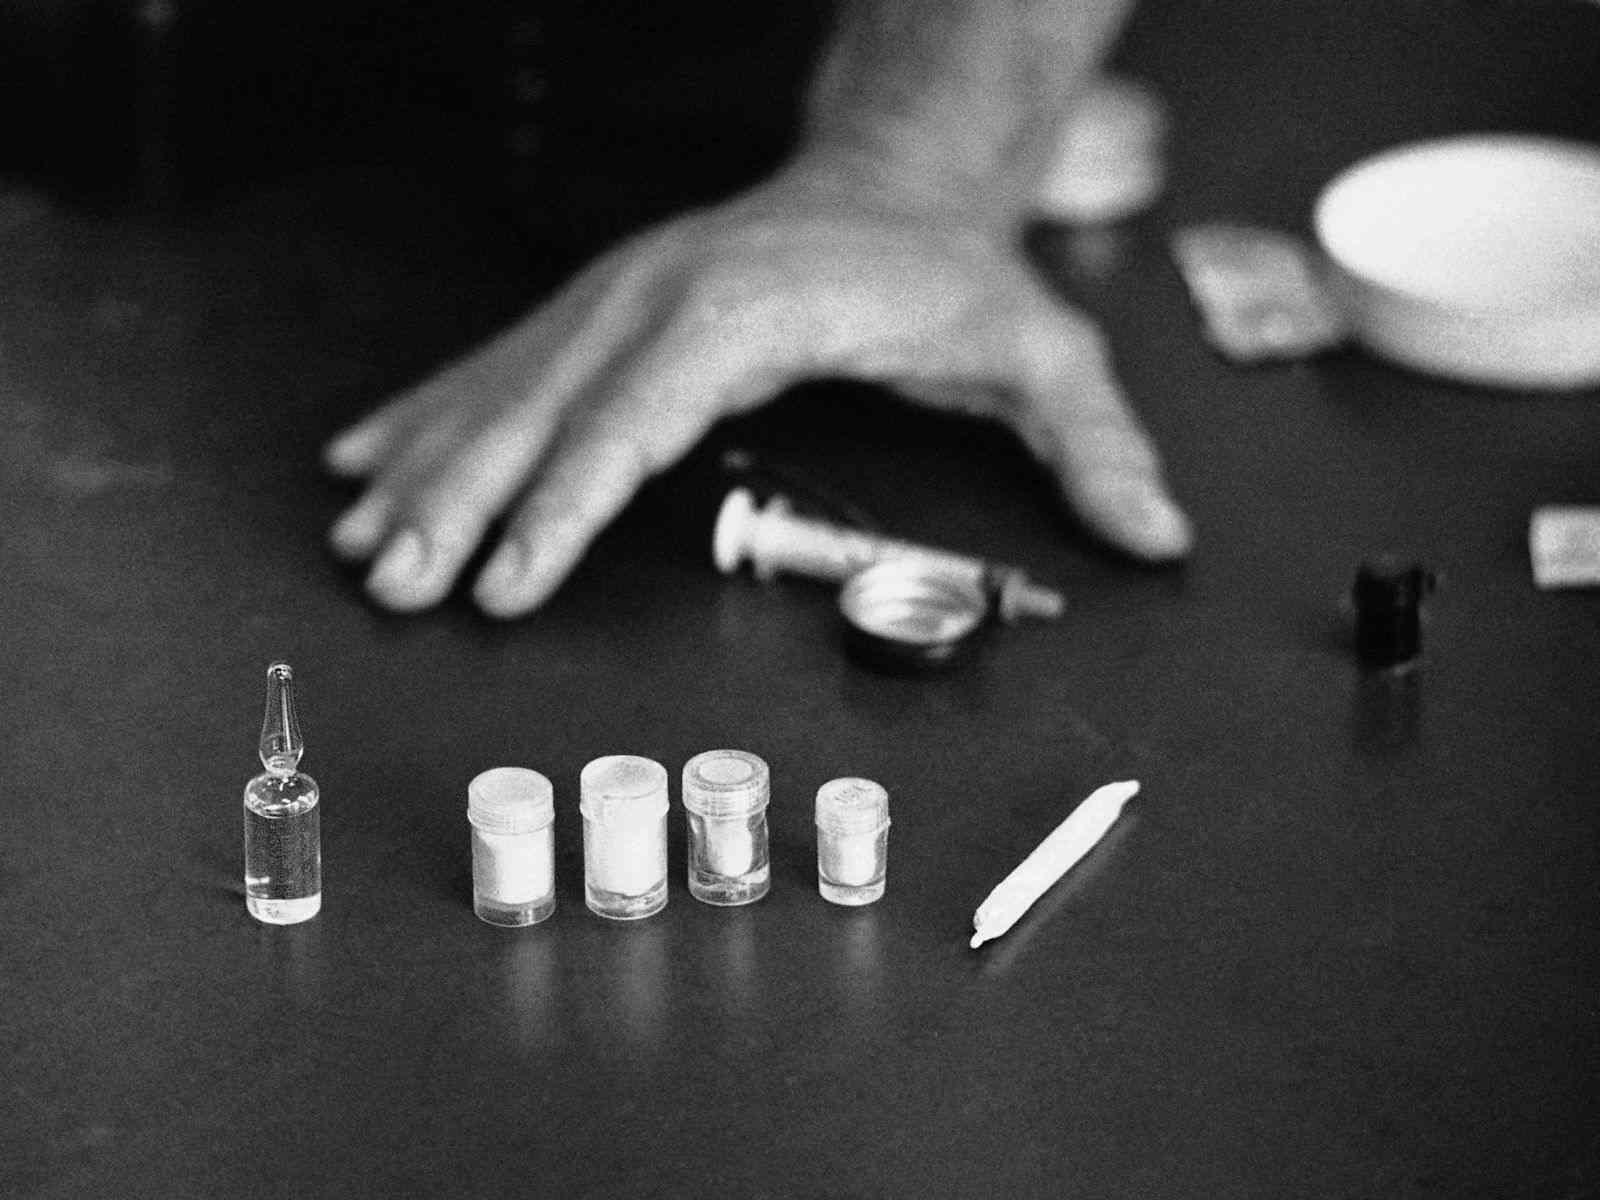 Sử dụng ma túy hay các chất kích thích cũng có thể gây ra tình trạng khạc ra máu vào buổi sáng